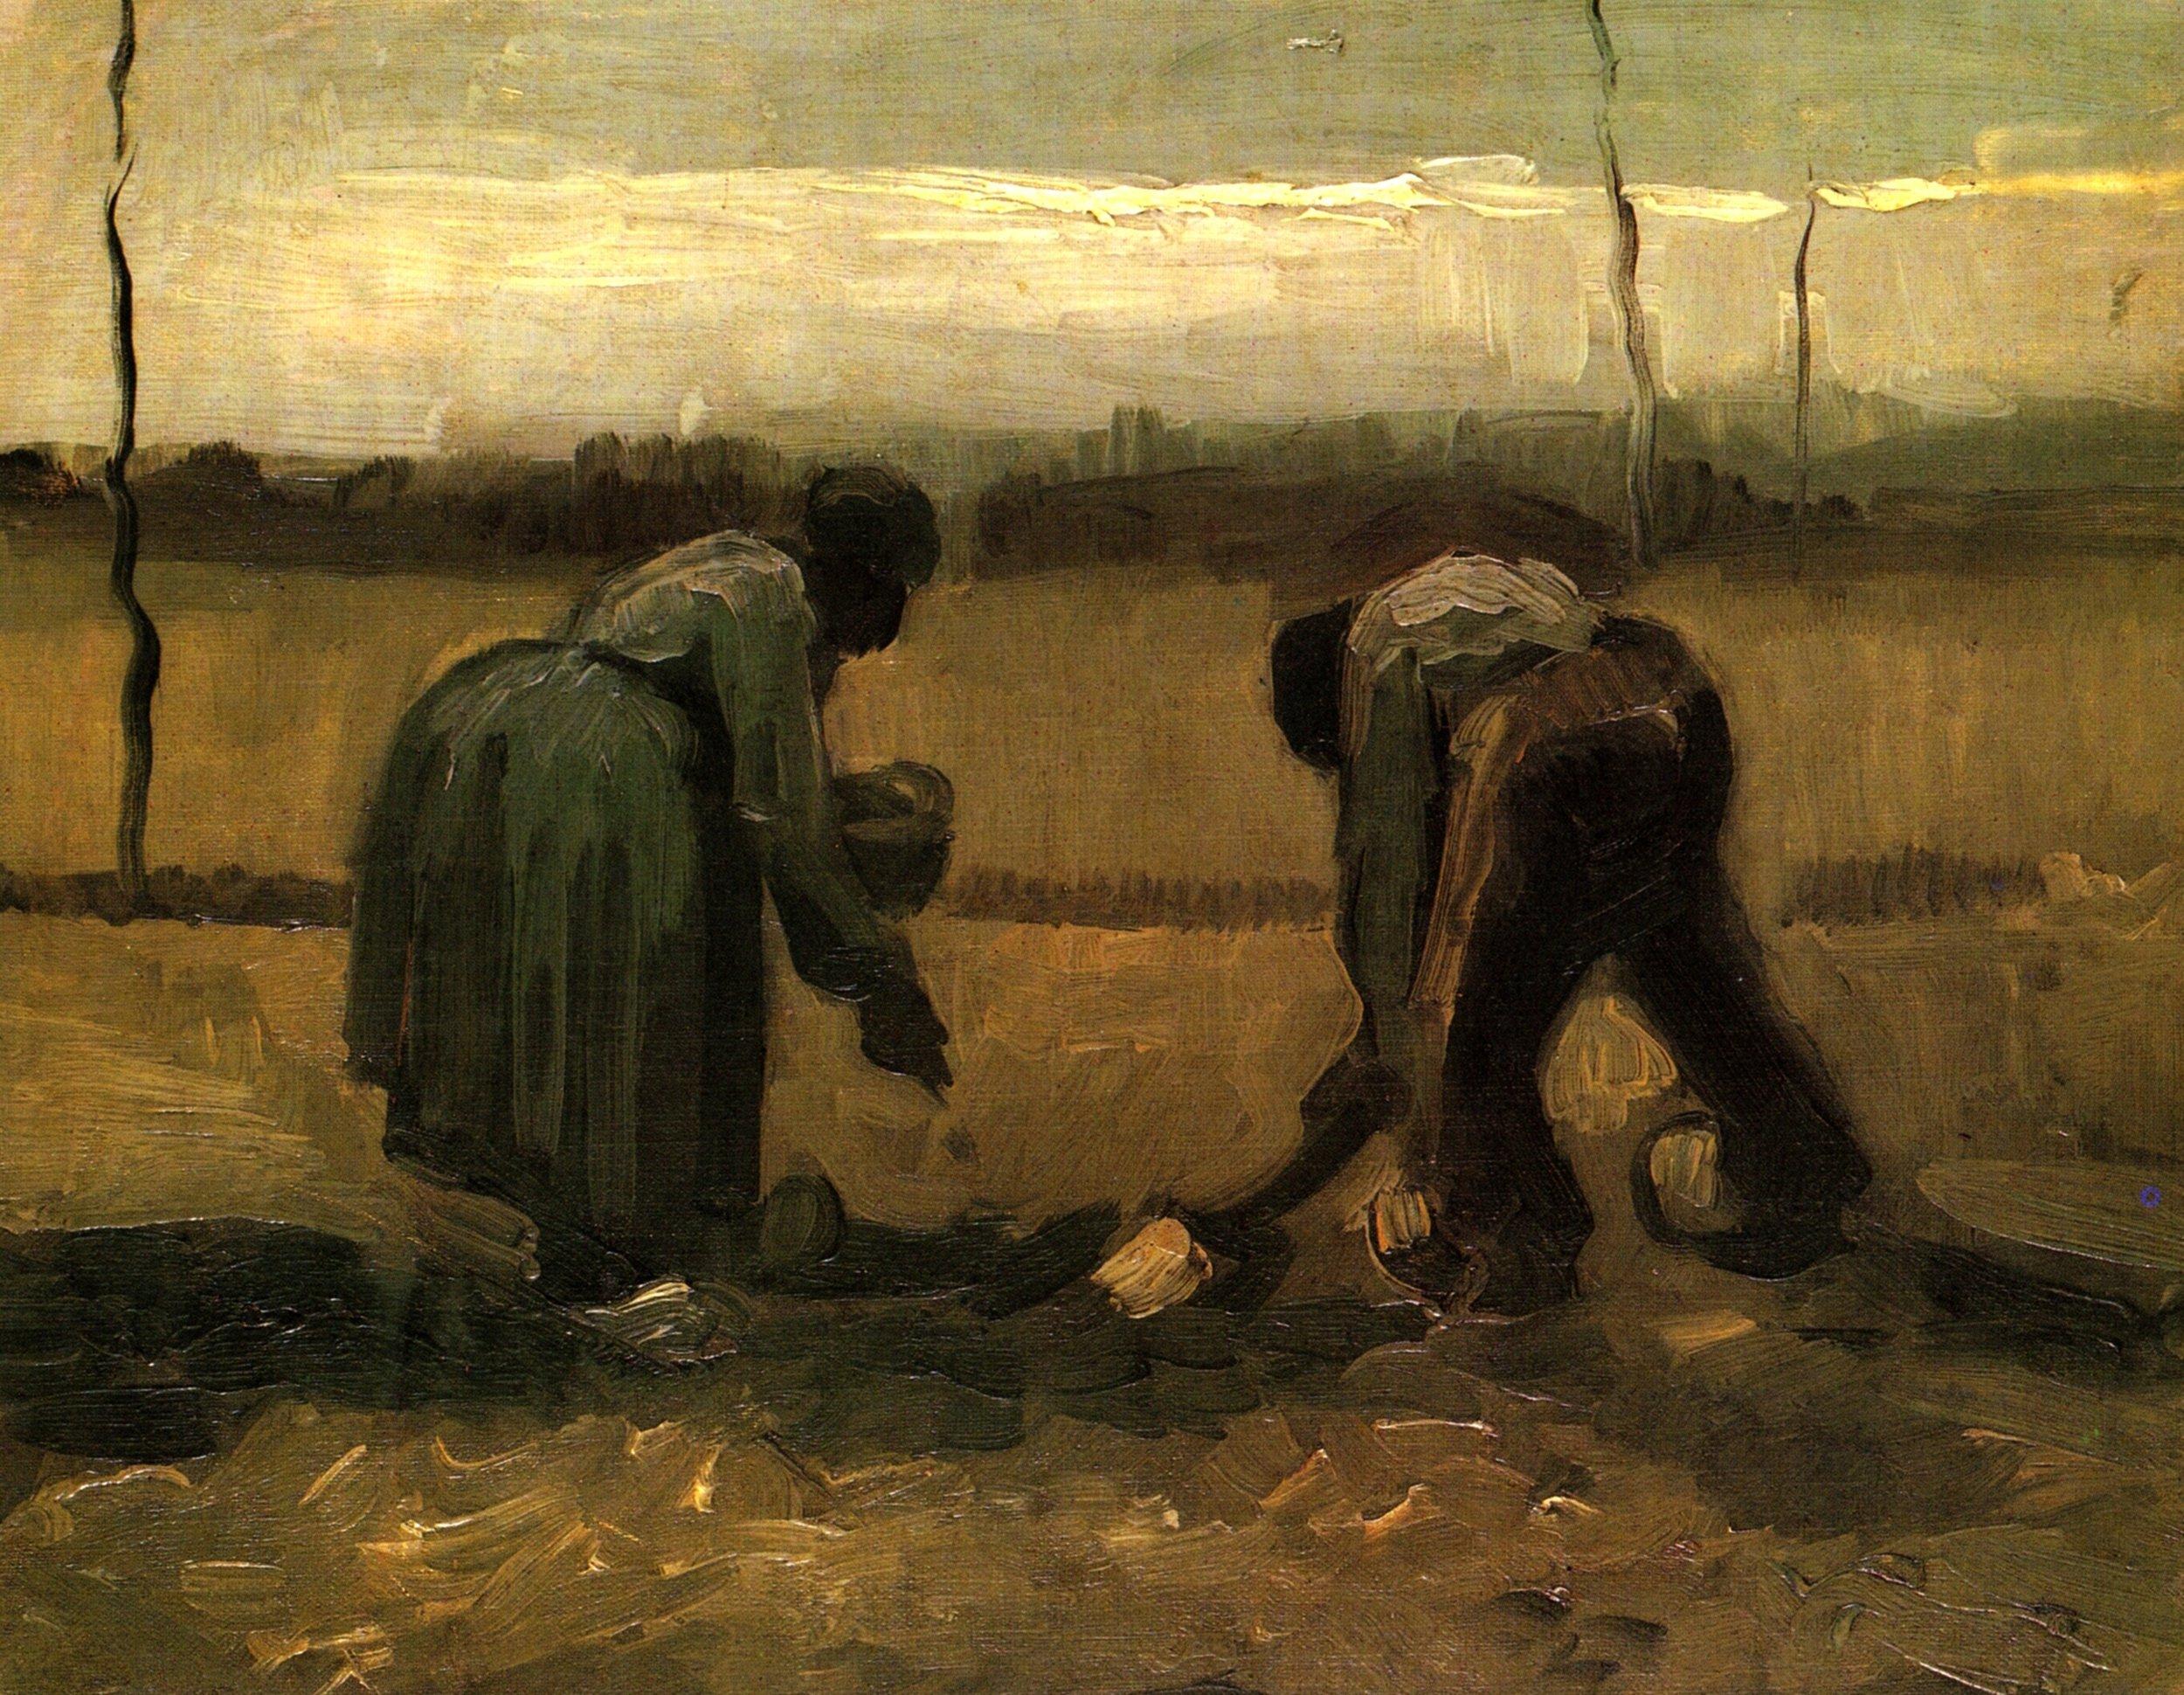 Peasant and Peasant Woman Planting Potatoes - Van Gogh